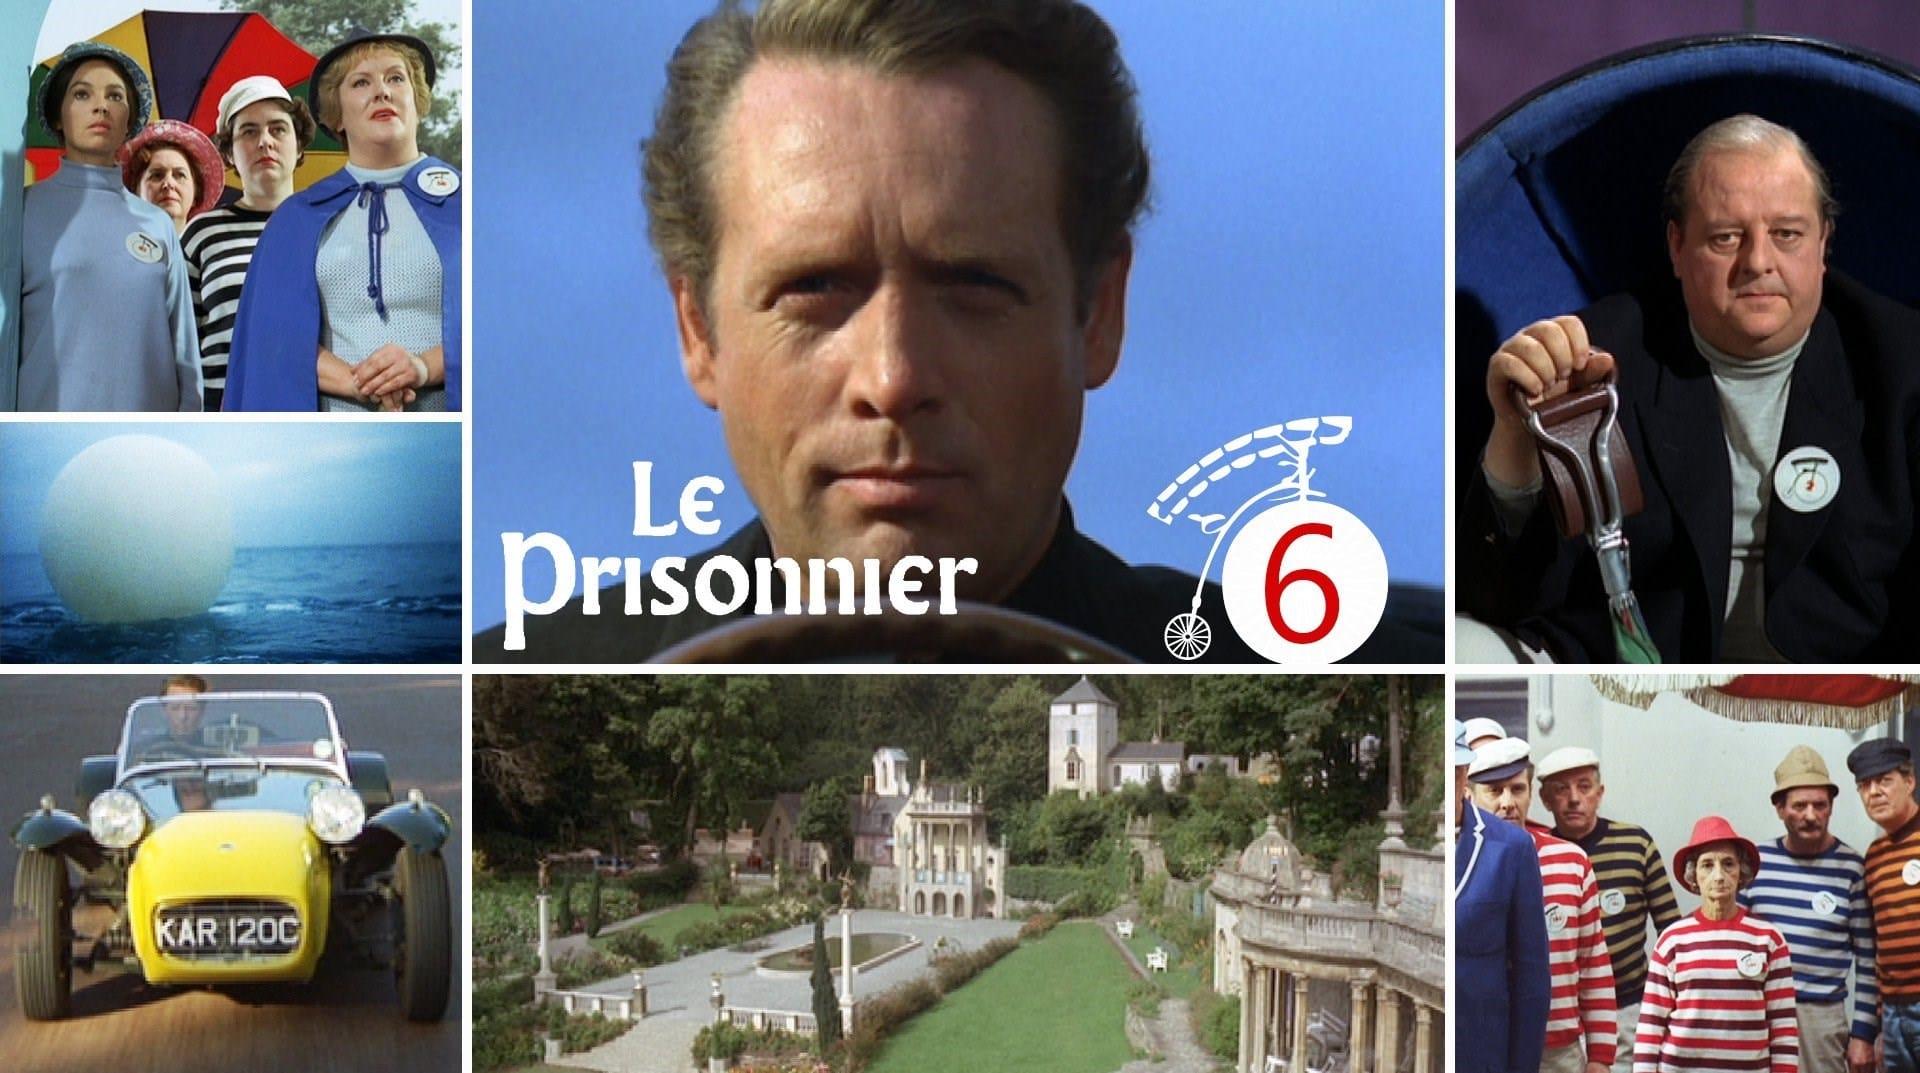 Le Prisonnier de Patrick McGoohan visuel M6